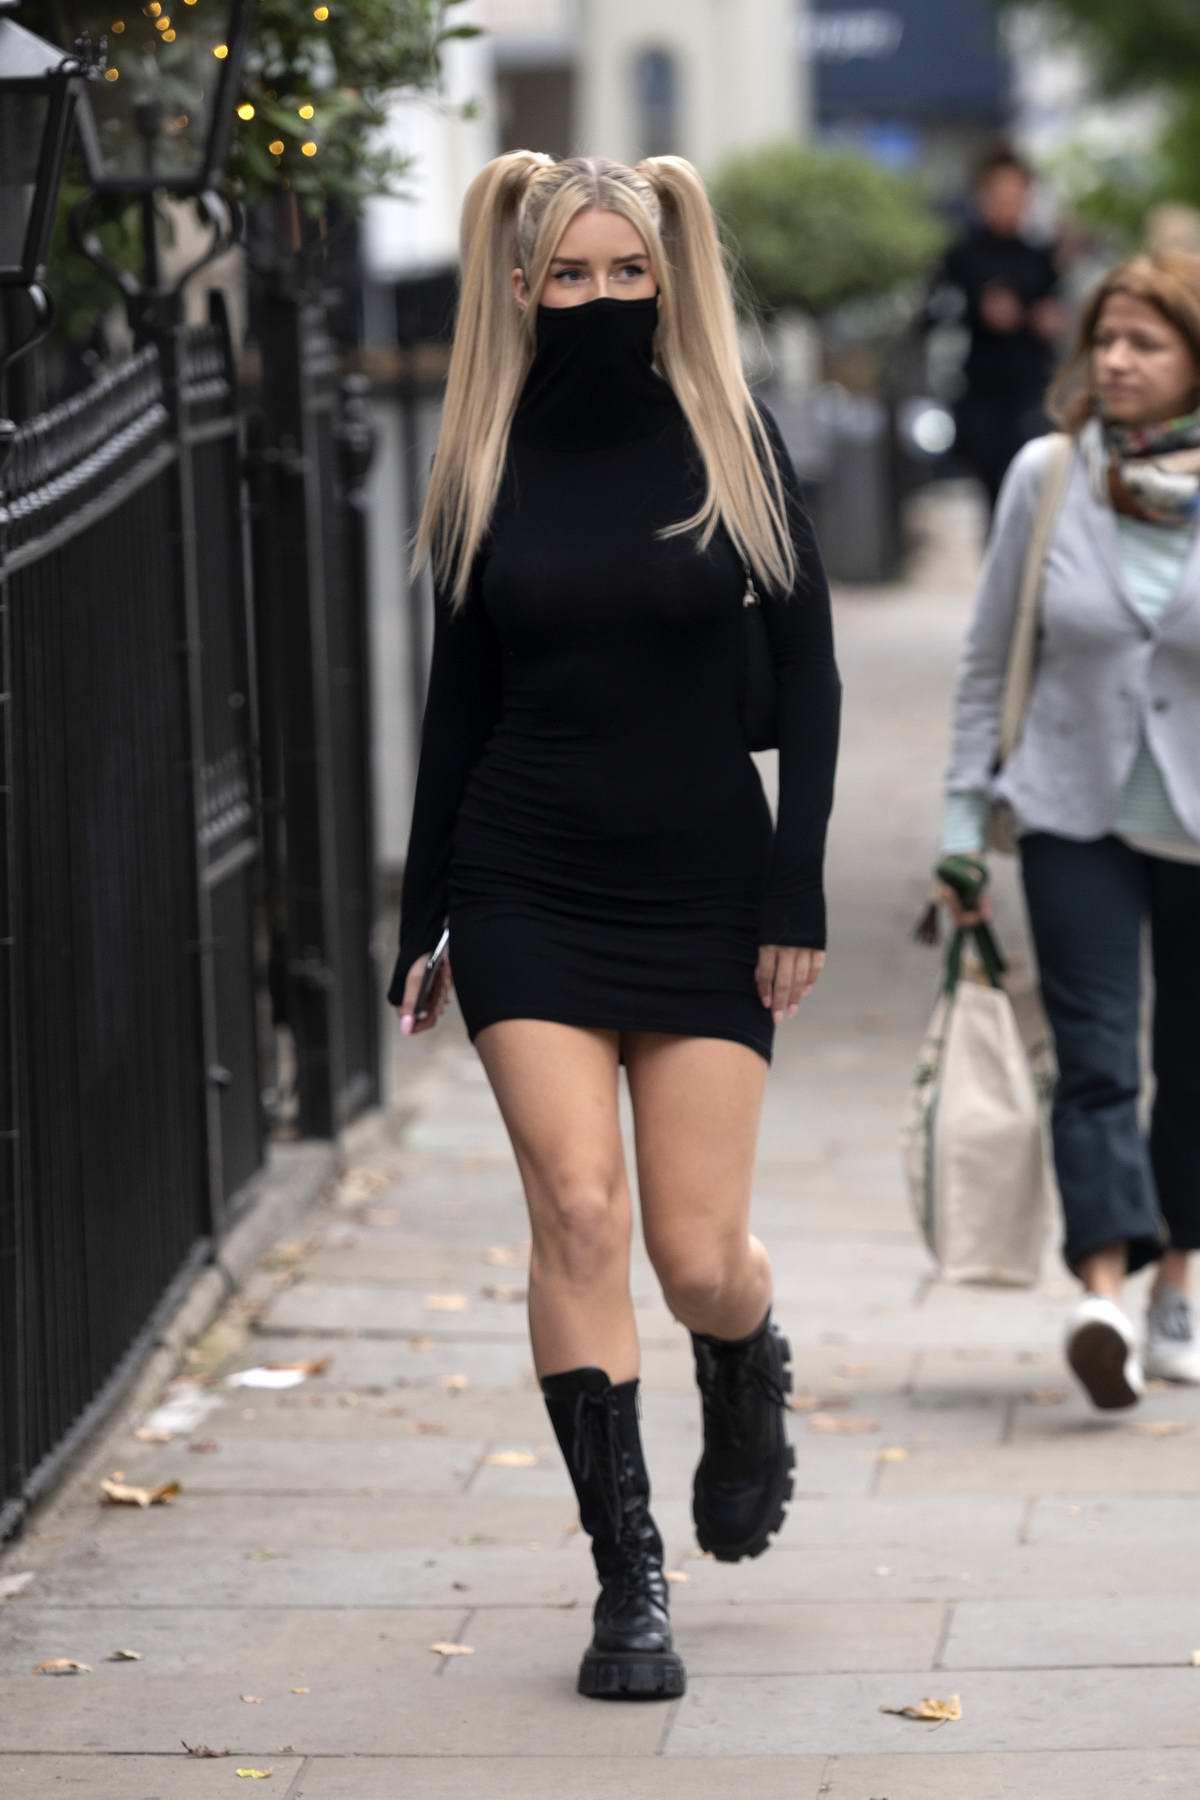 Lottie Moss steps out wearing PrettyLittleThing's black Mask Dress in London, UK